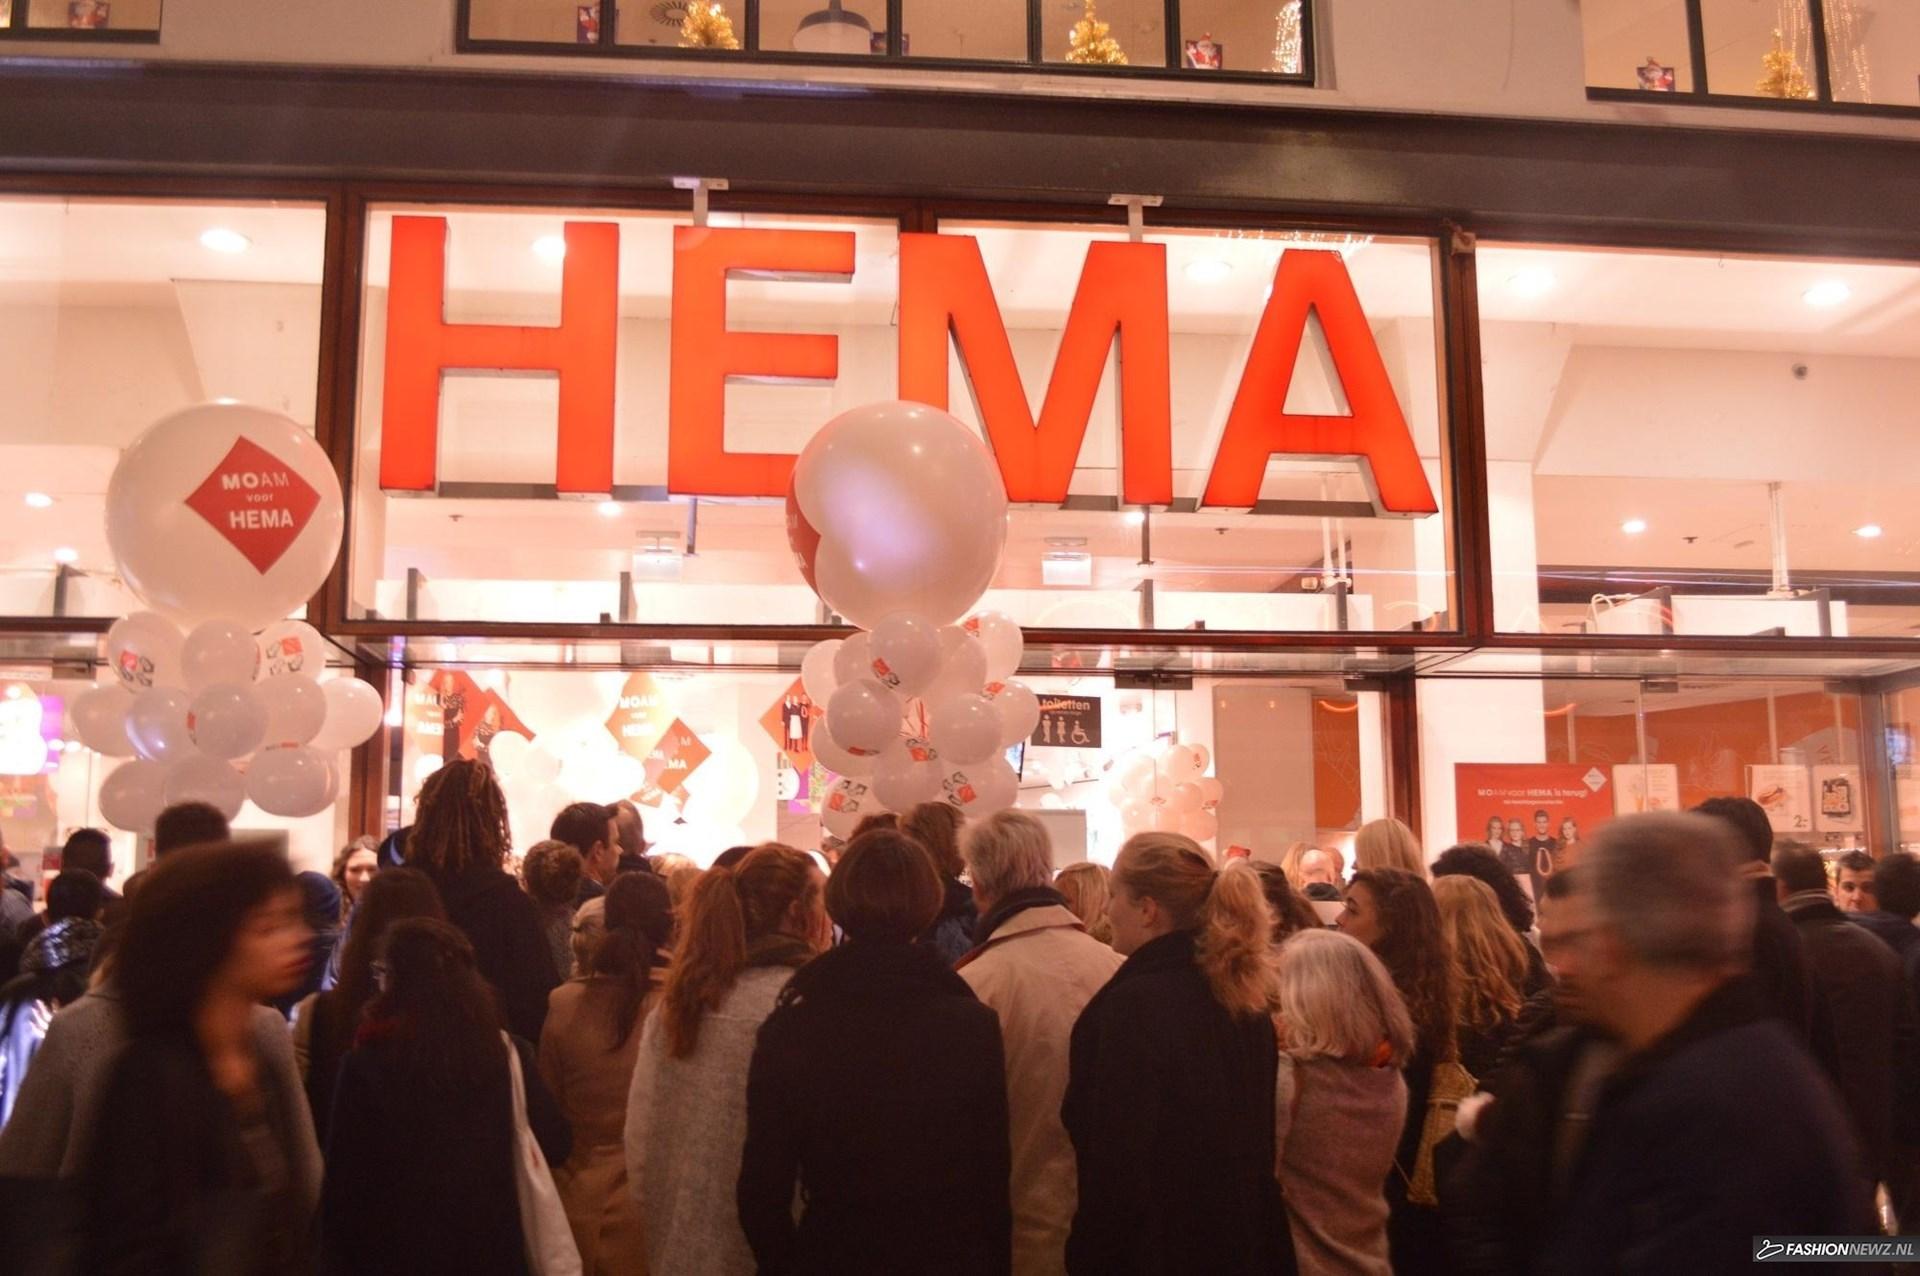 ballonnen decoraties Moam Hema Amsterdam   Ballonnenpartners